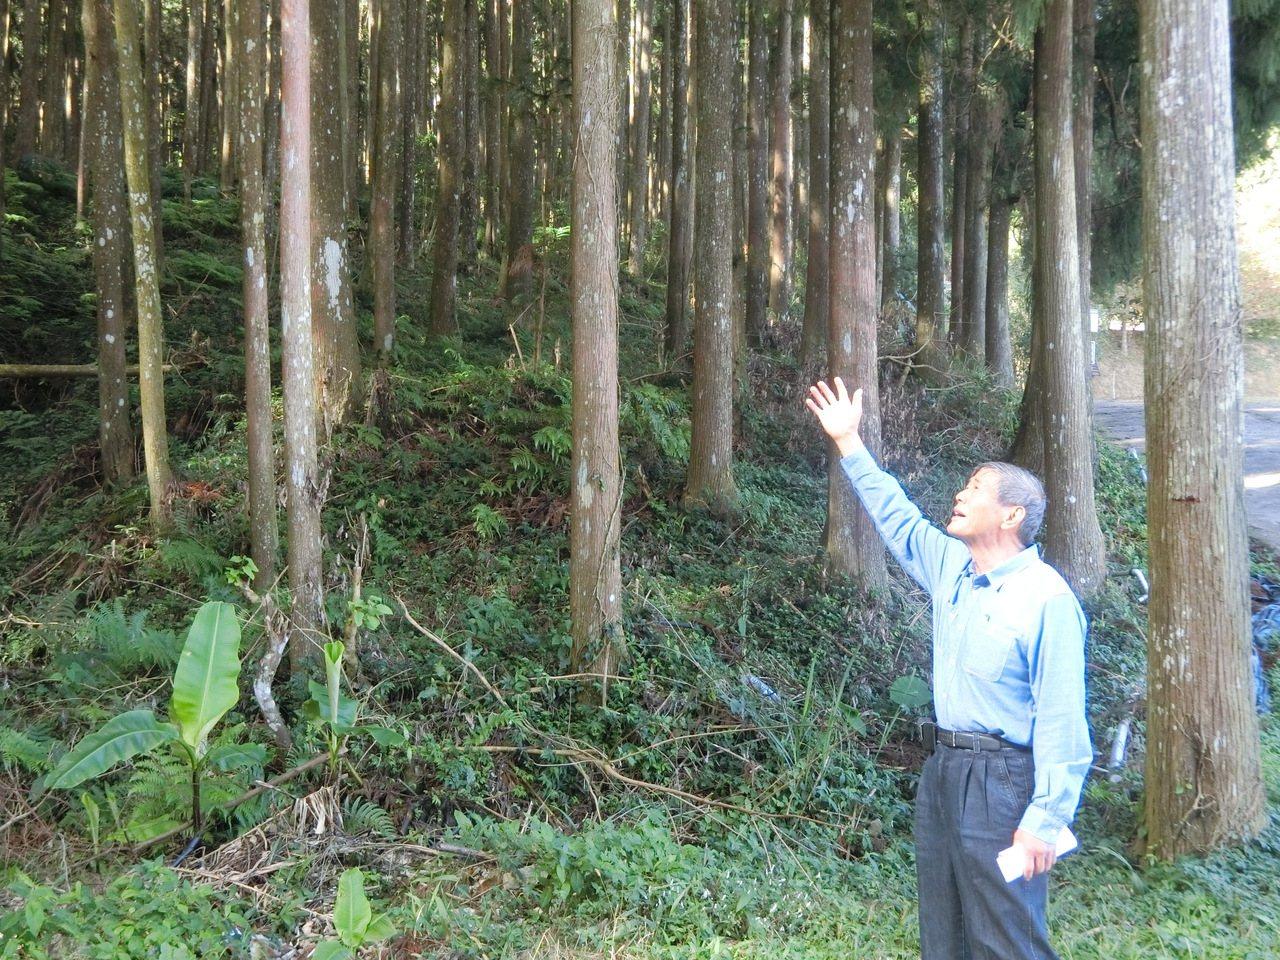 林農梁國興感嘆過去數十年幾乎被遺忘,希望政府未來能具體推動國產木材。 記者董俞佳...